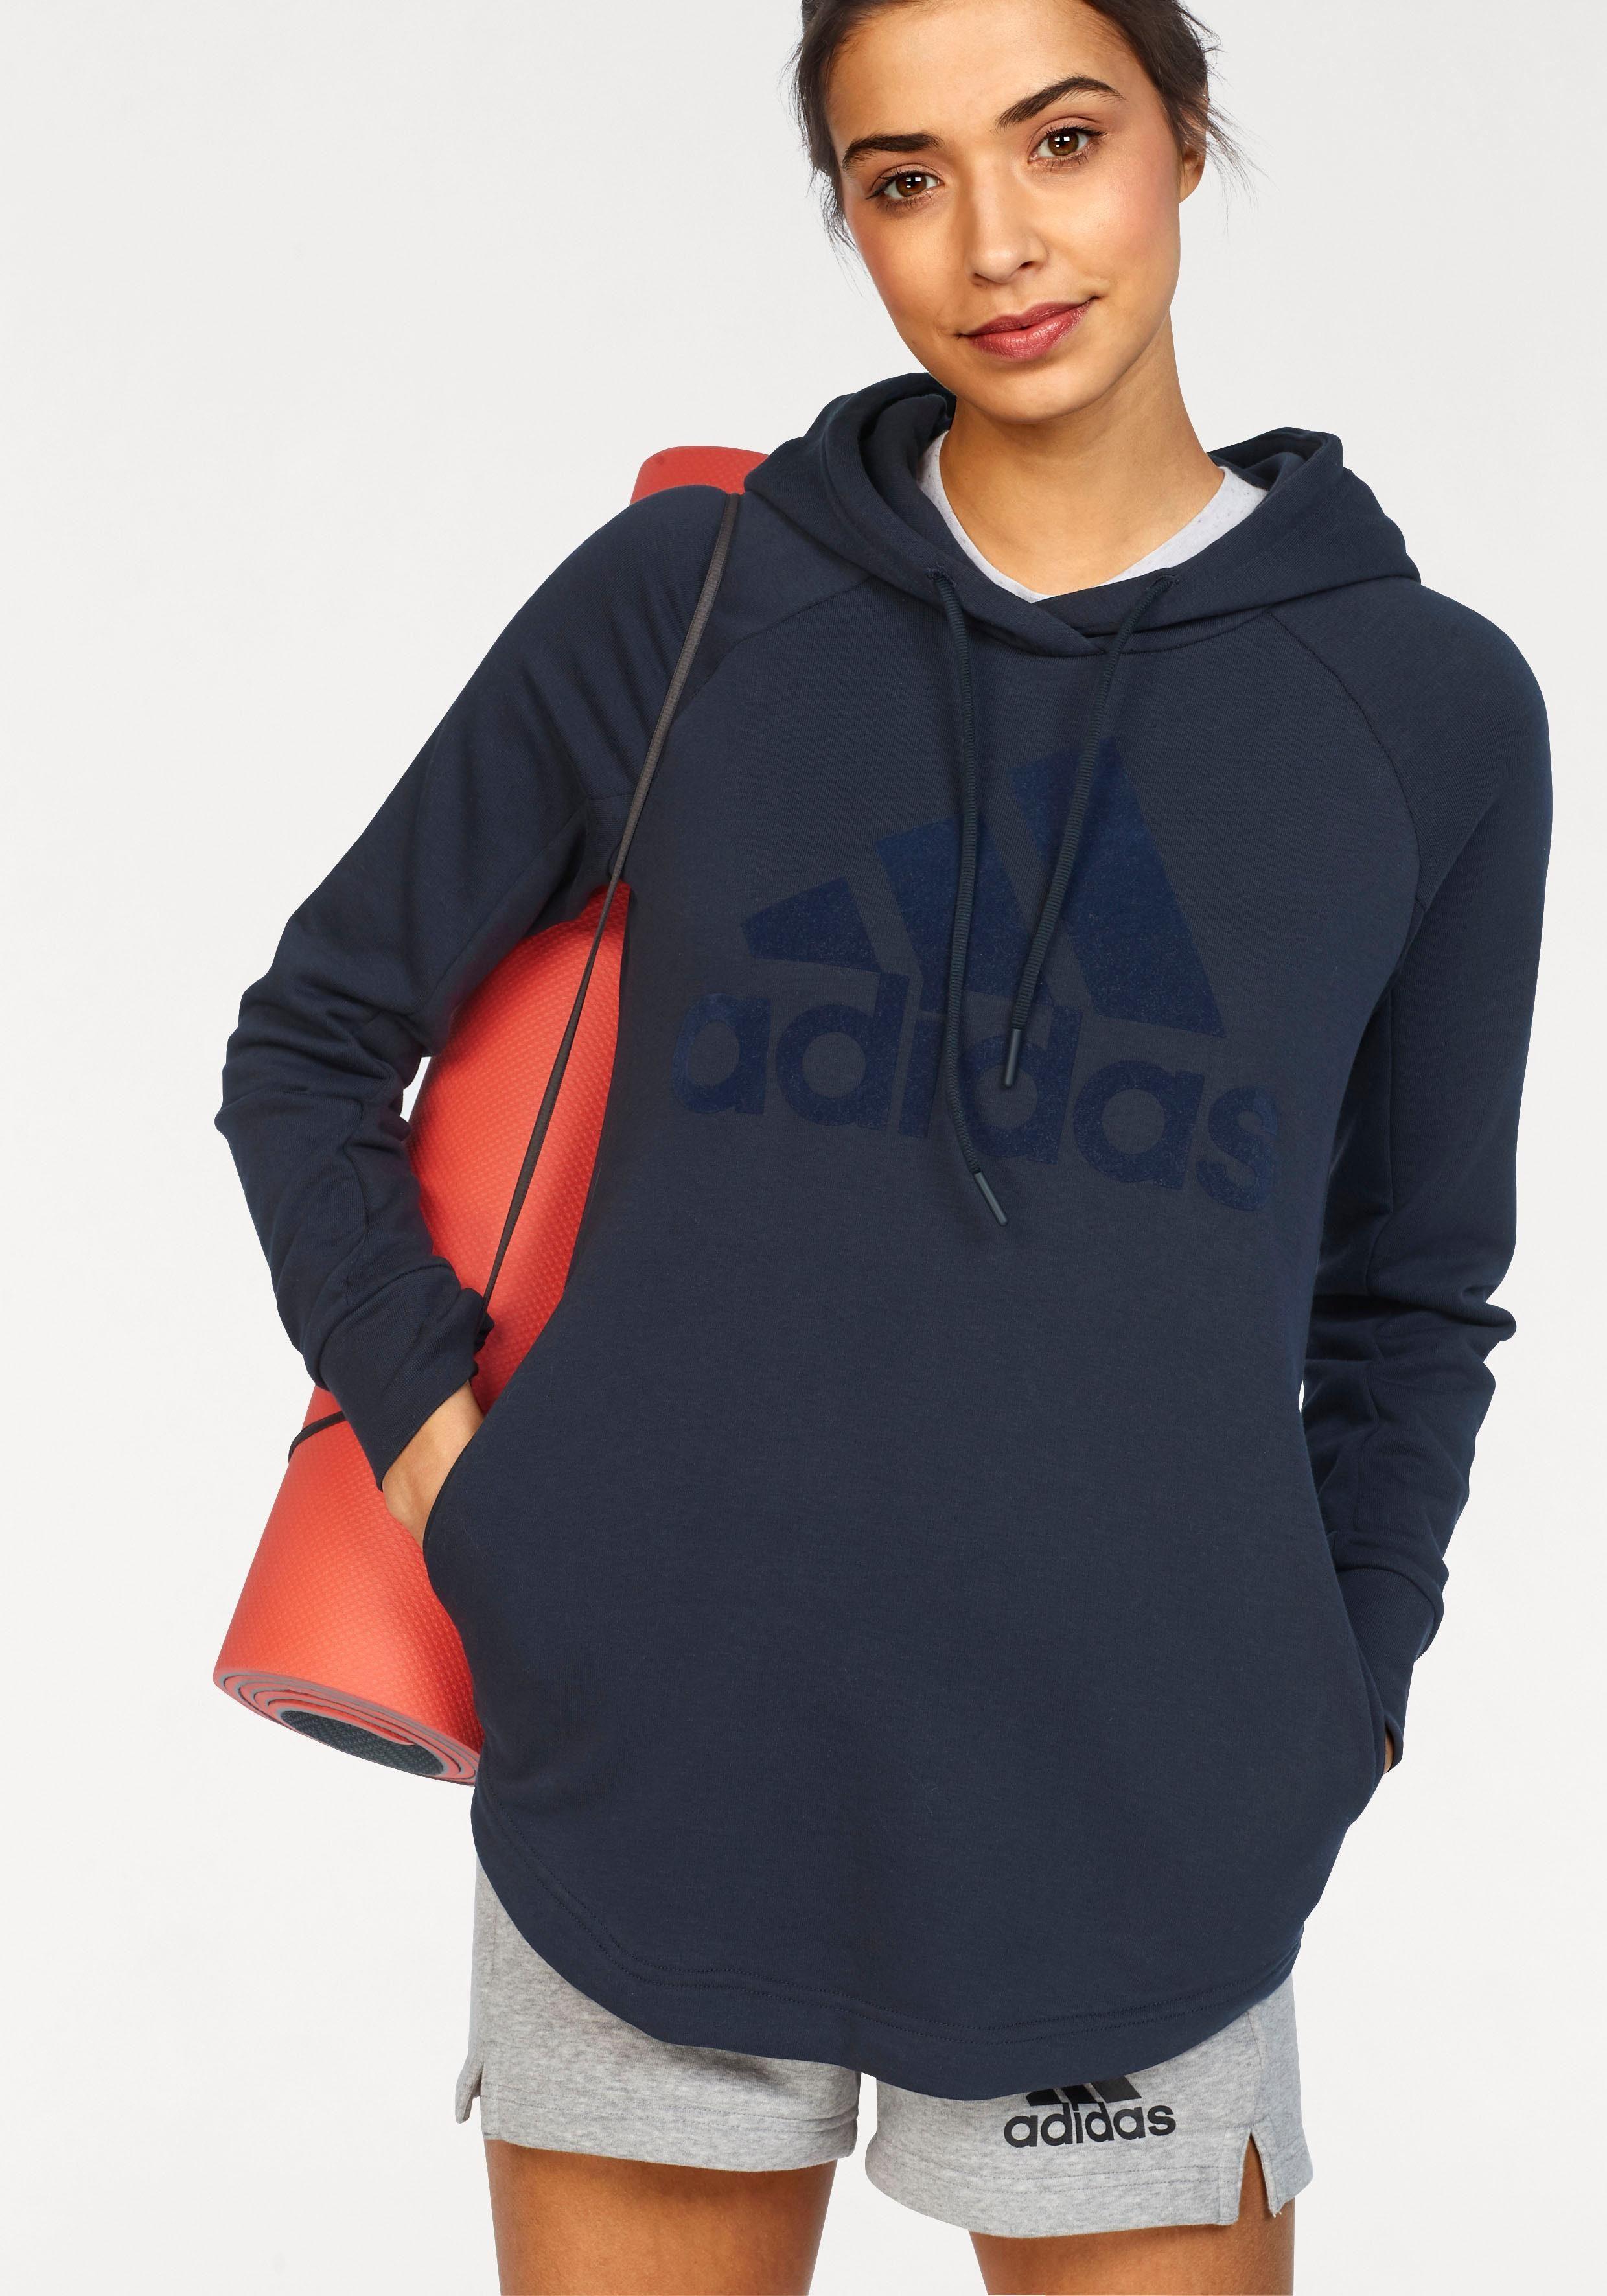 adidas Performance Kapuzensweatshirt »SOLID OPEN HEM HOODIE« auch in großen Größen online kaufen | OTTO